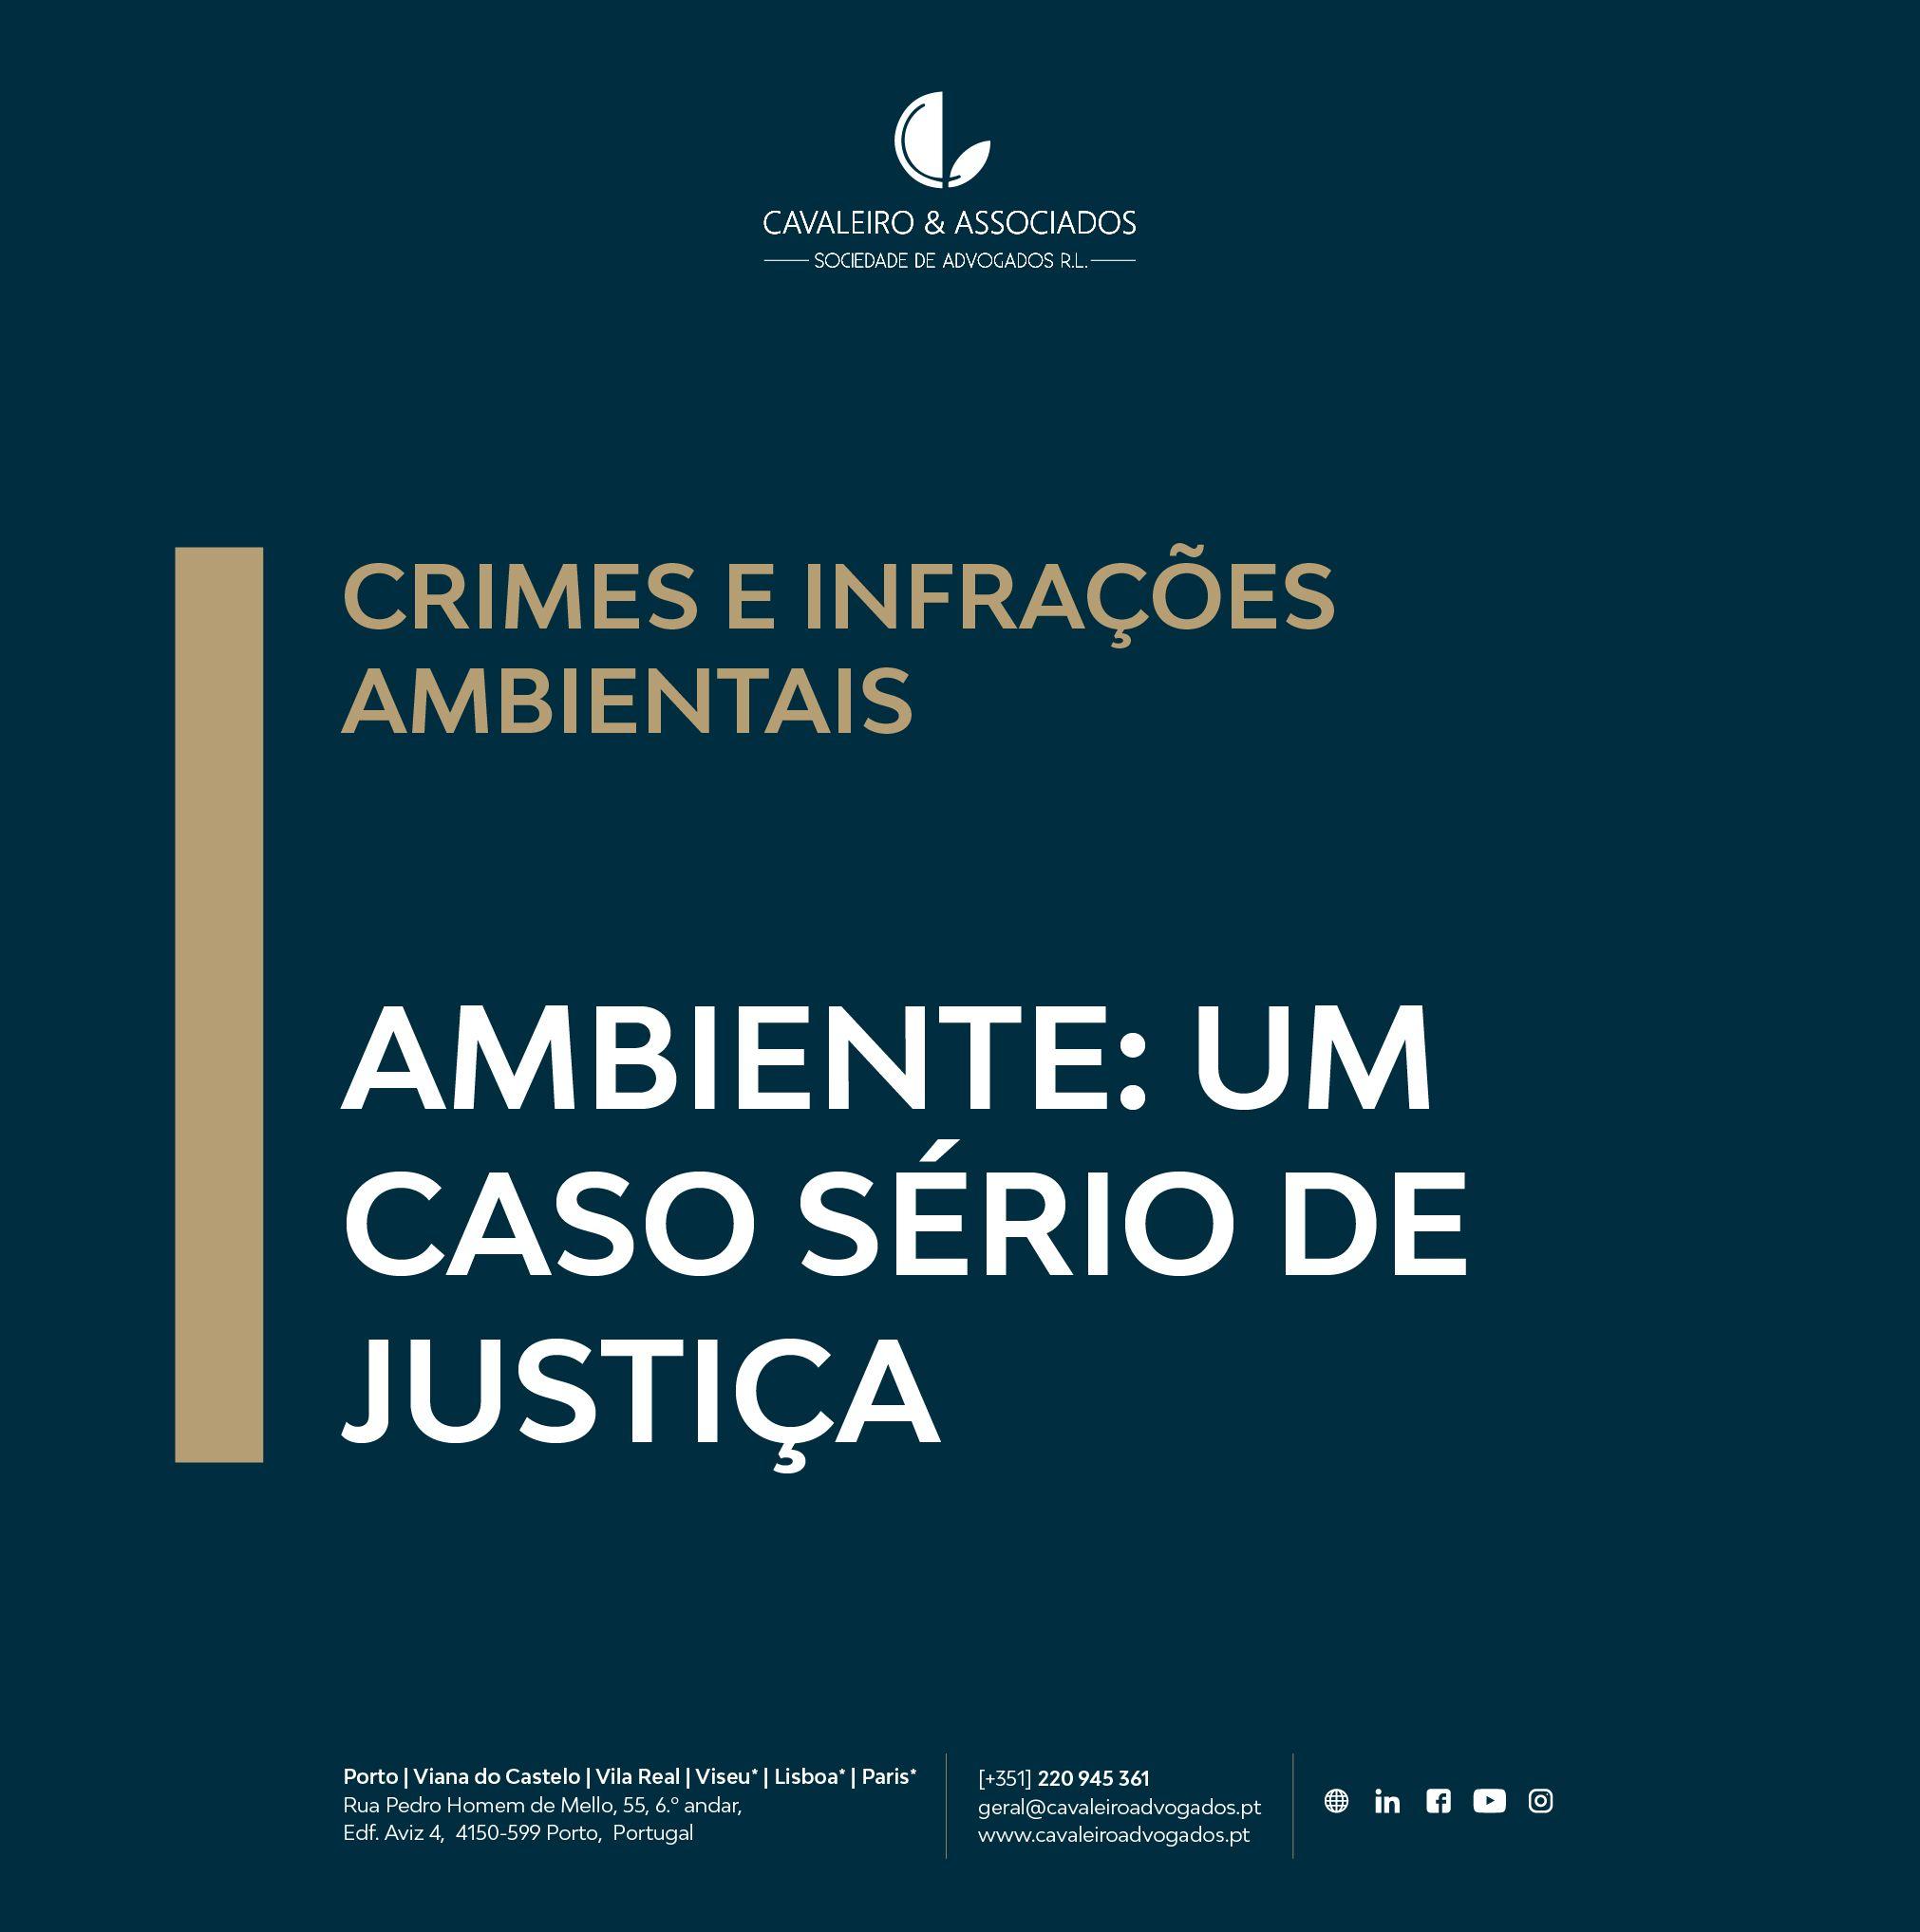 Ambiente: um caso sério de Justiça – Crimes e Infrações ambientais